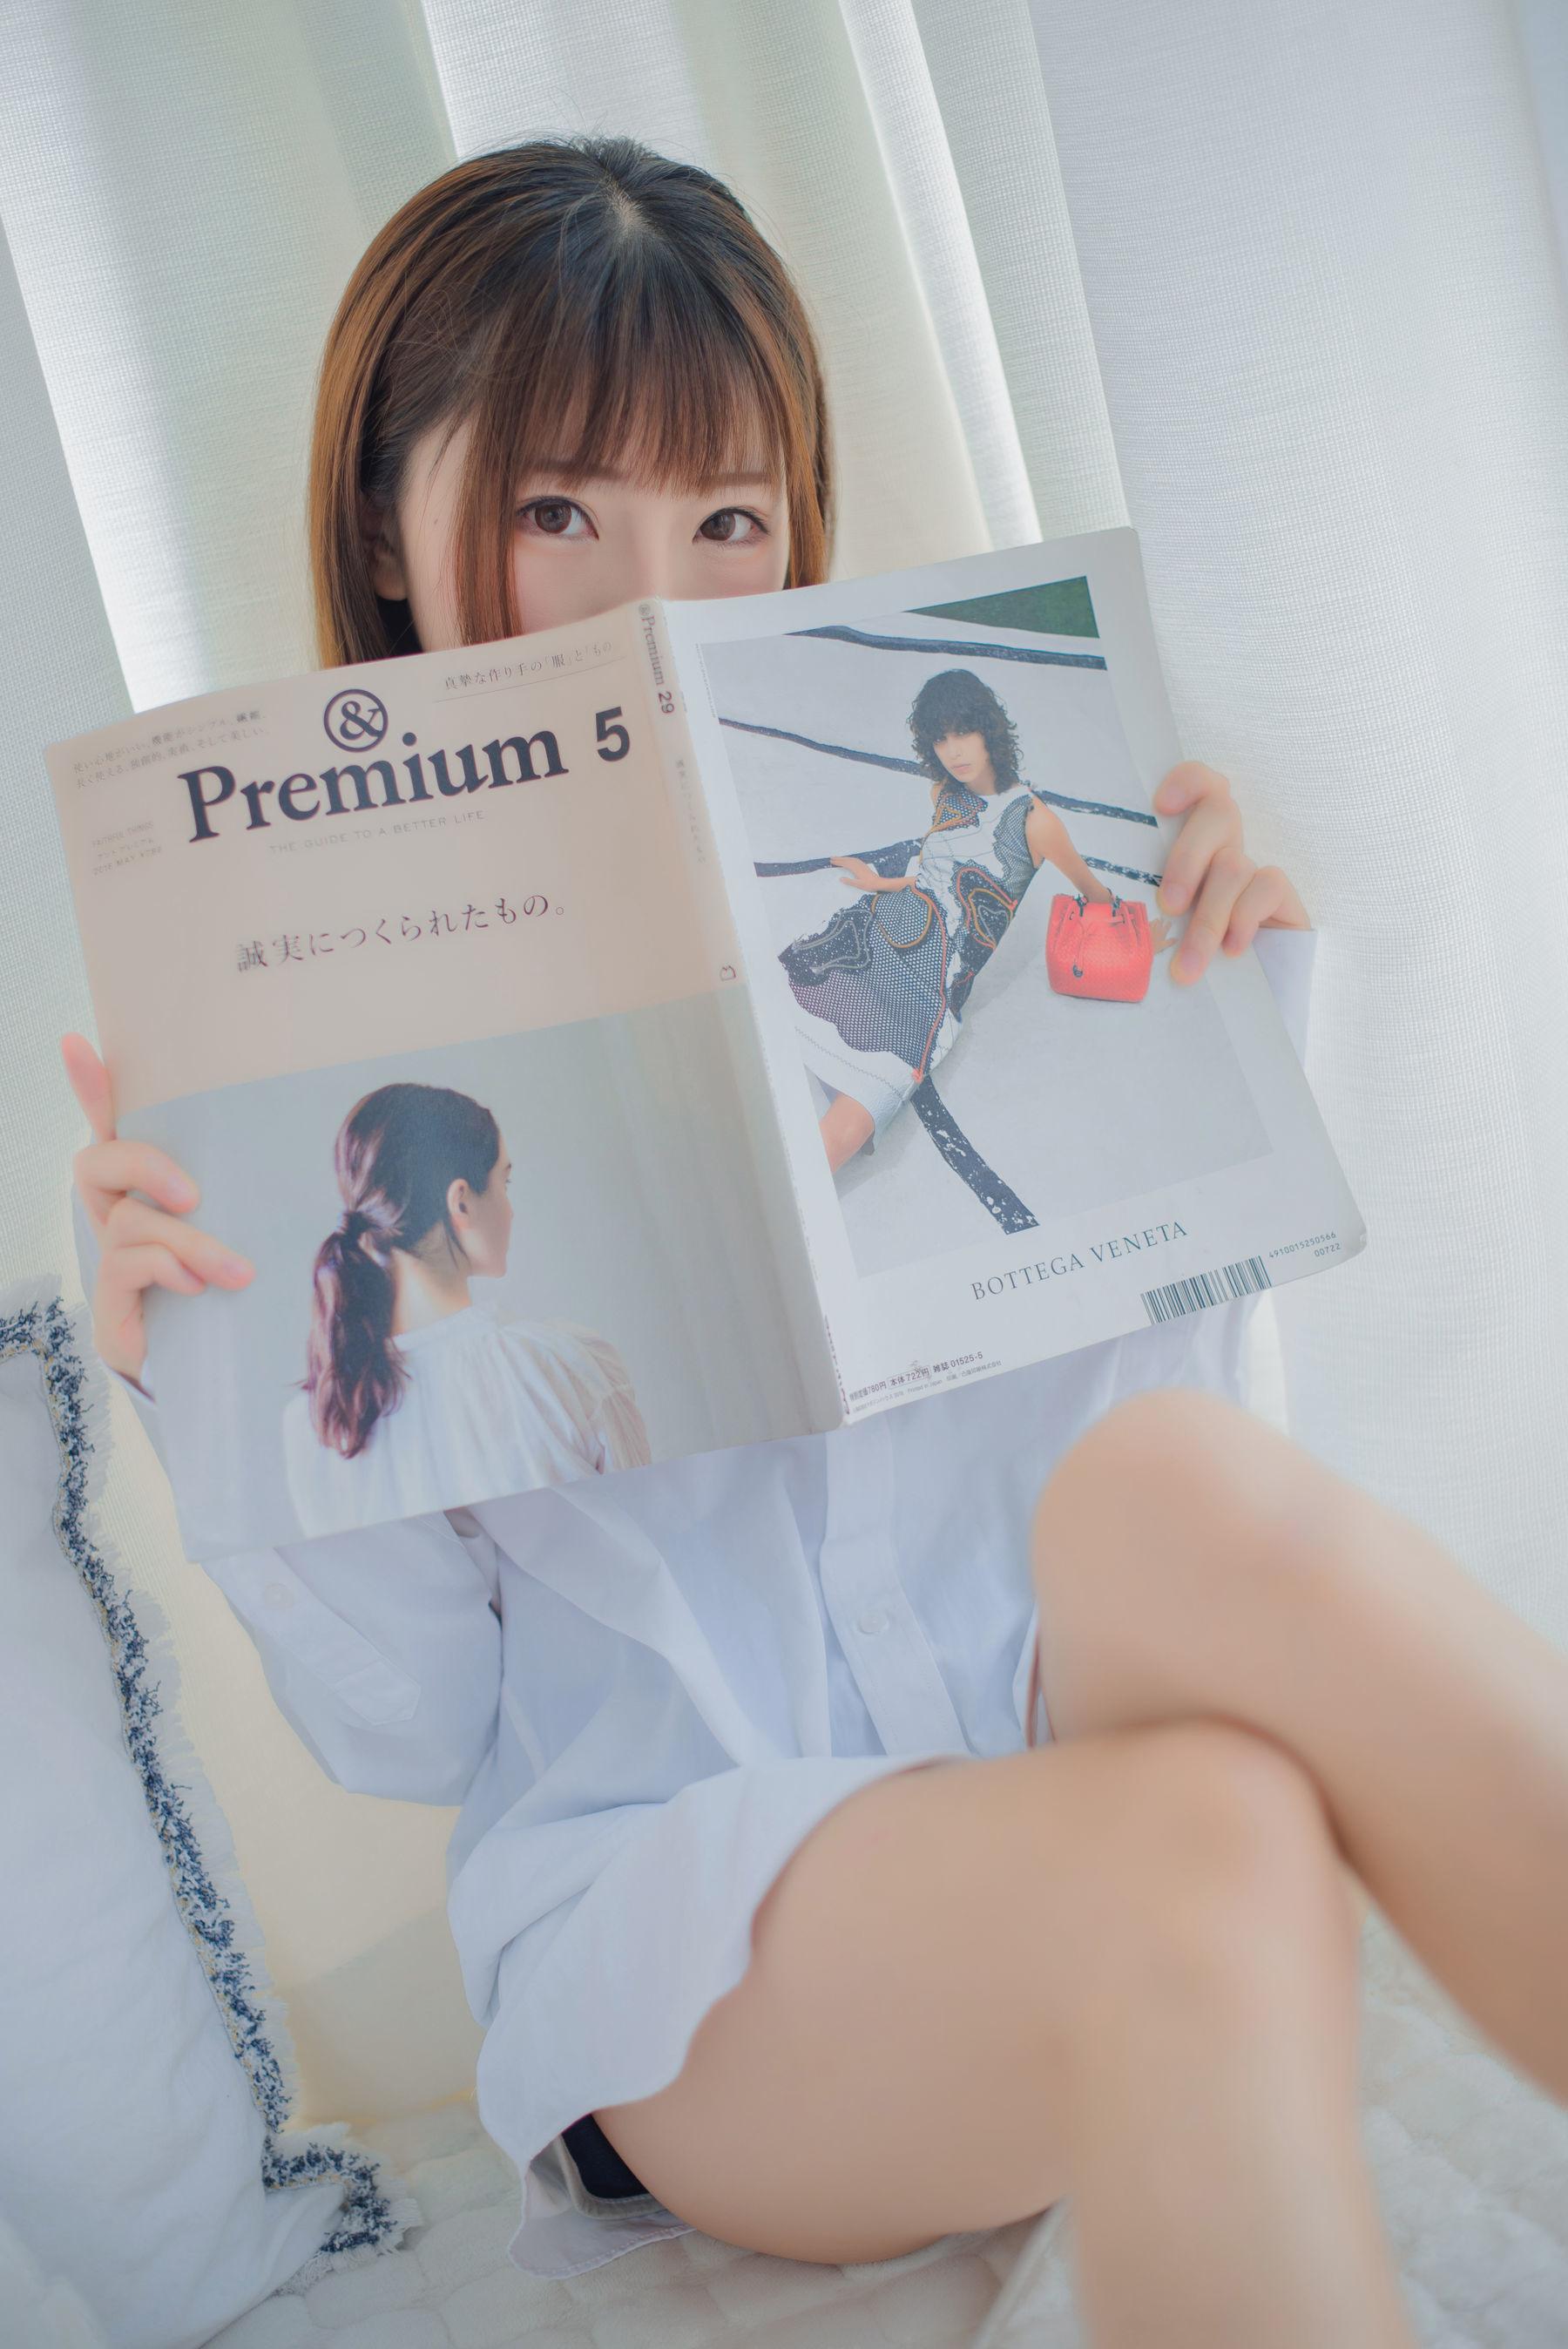 Kitaro_绮太郎 - 白衬衫 写真集